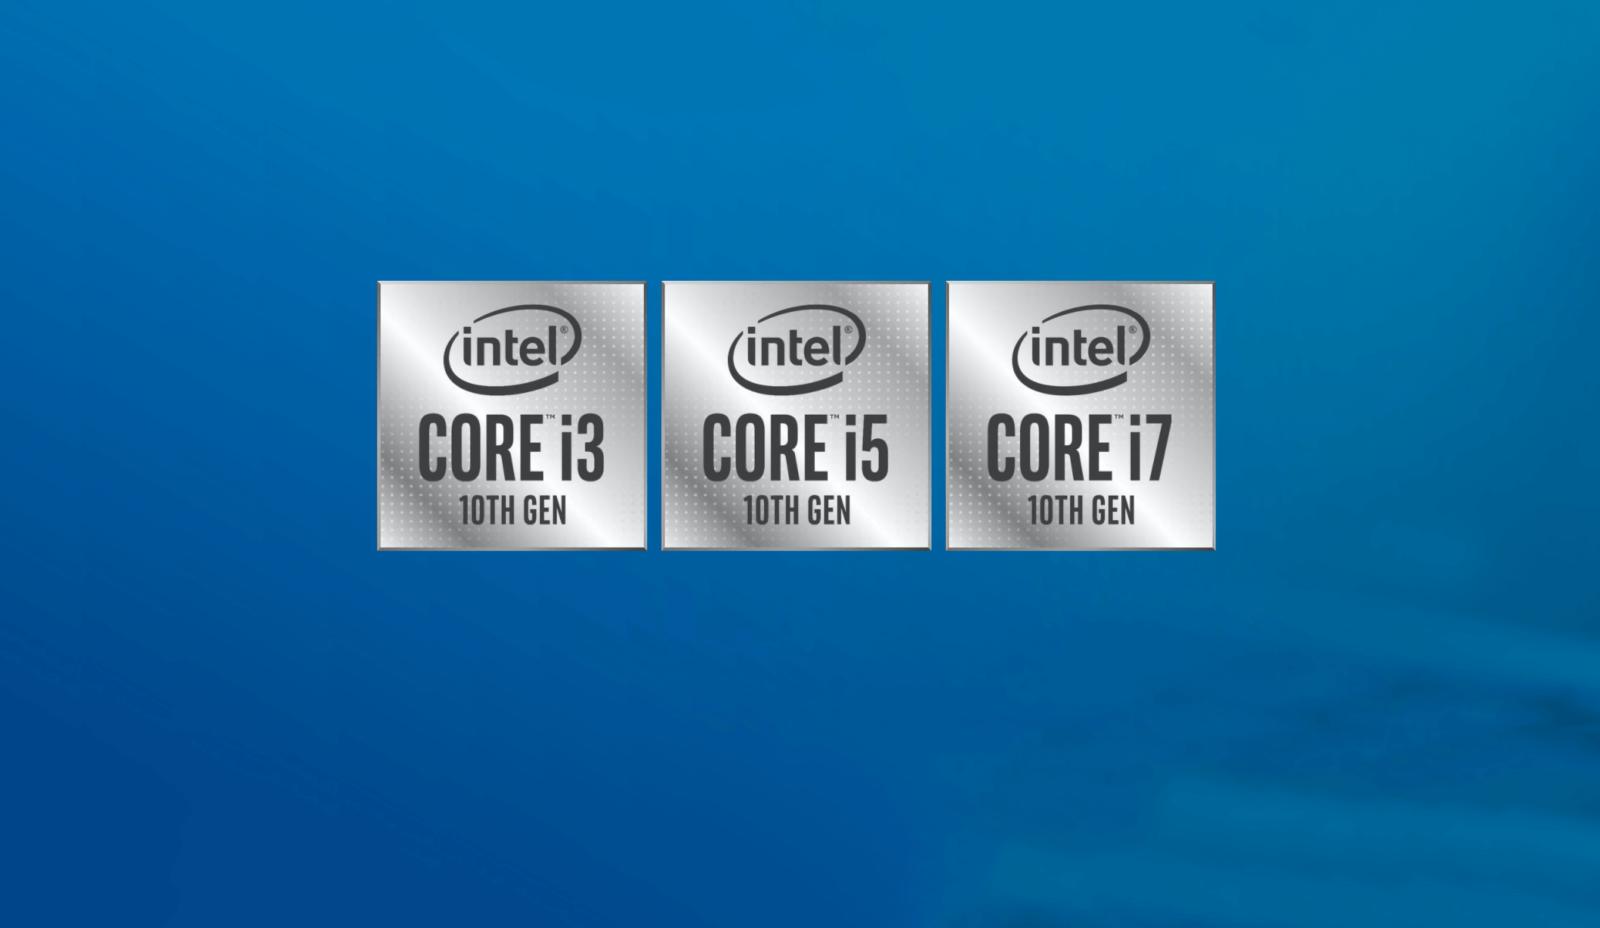 10-поколения процессоров Intel Core: i5-10600 с 6 ядрами,12 потоками и i3-10300 с 4 ядрами, 8 потоками